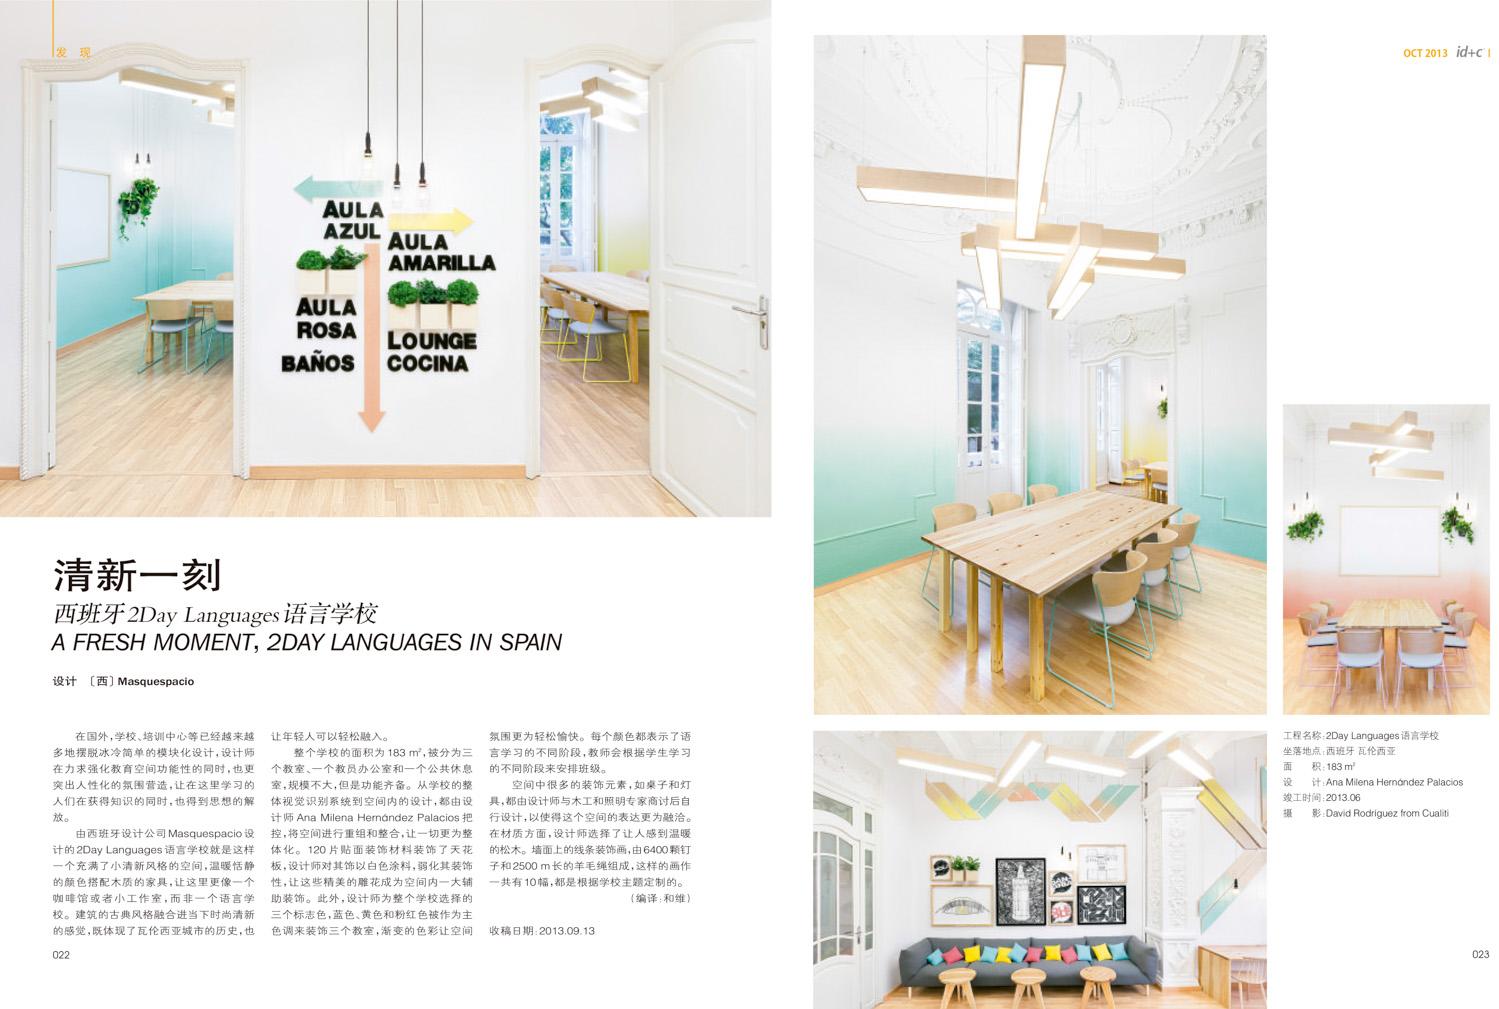 idc-magazine-2daylanguages-2-2